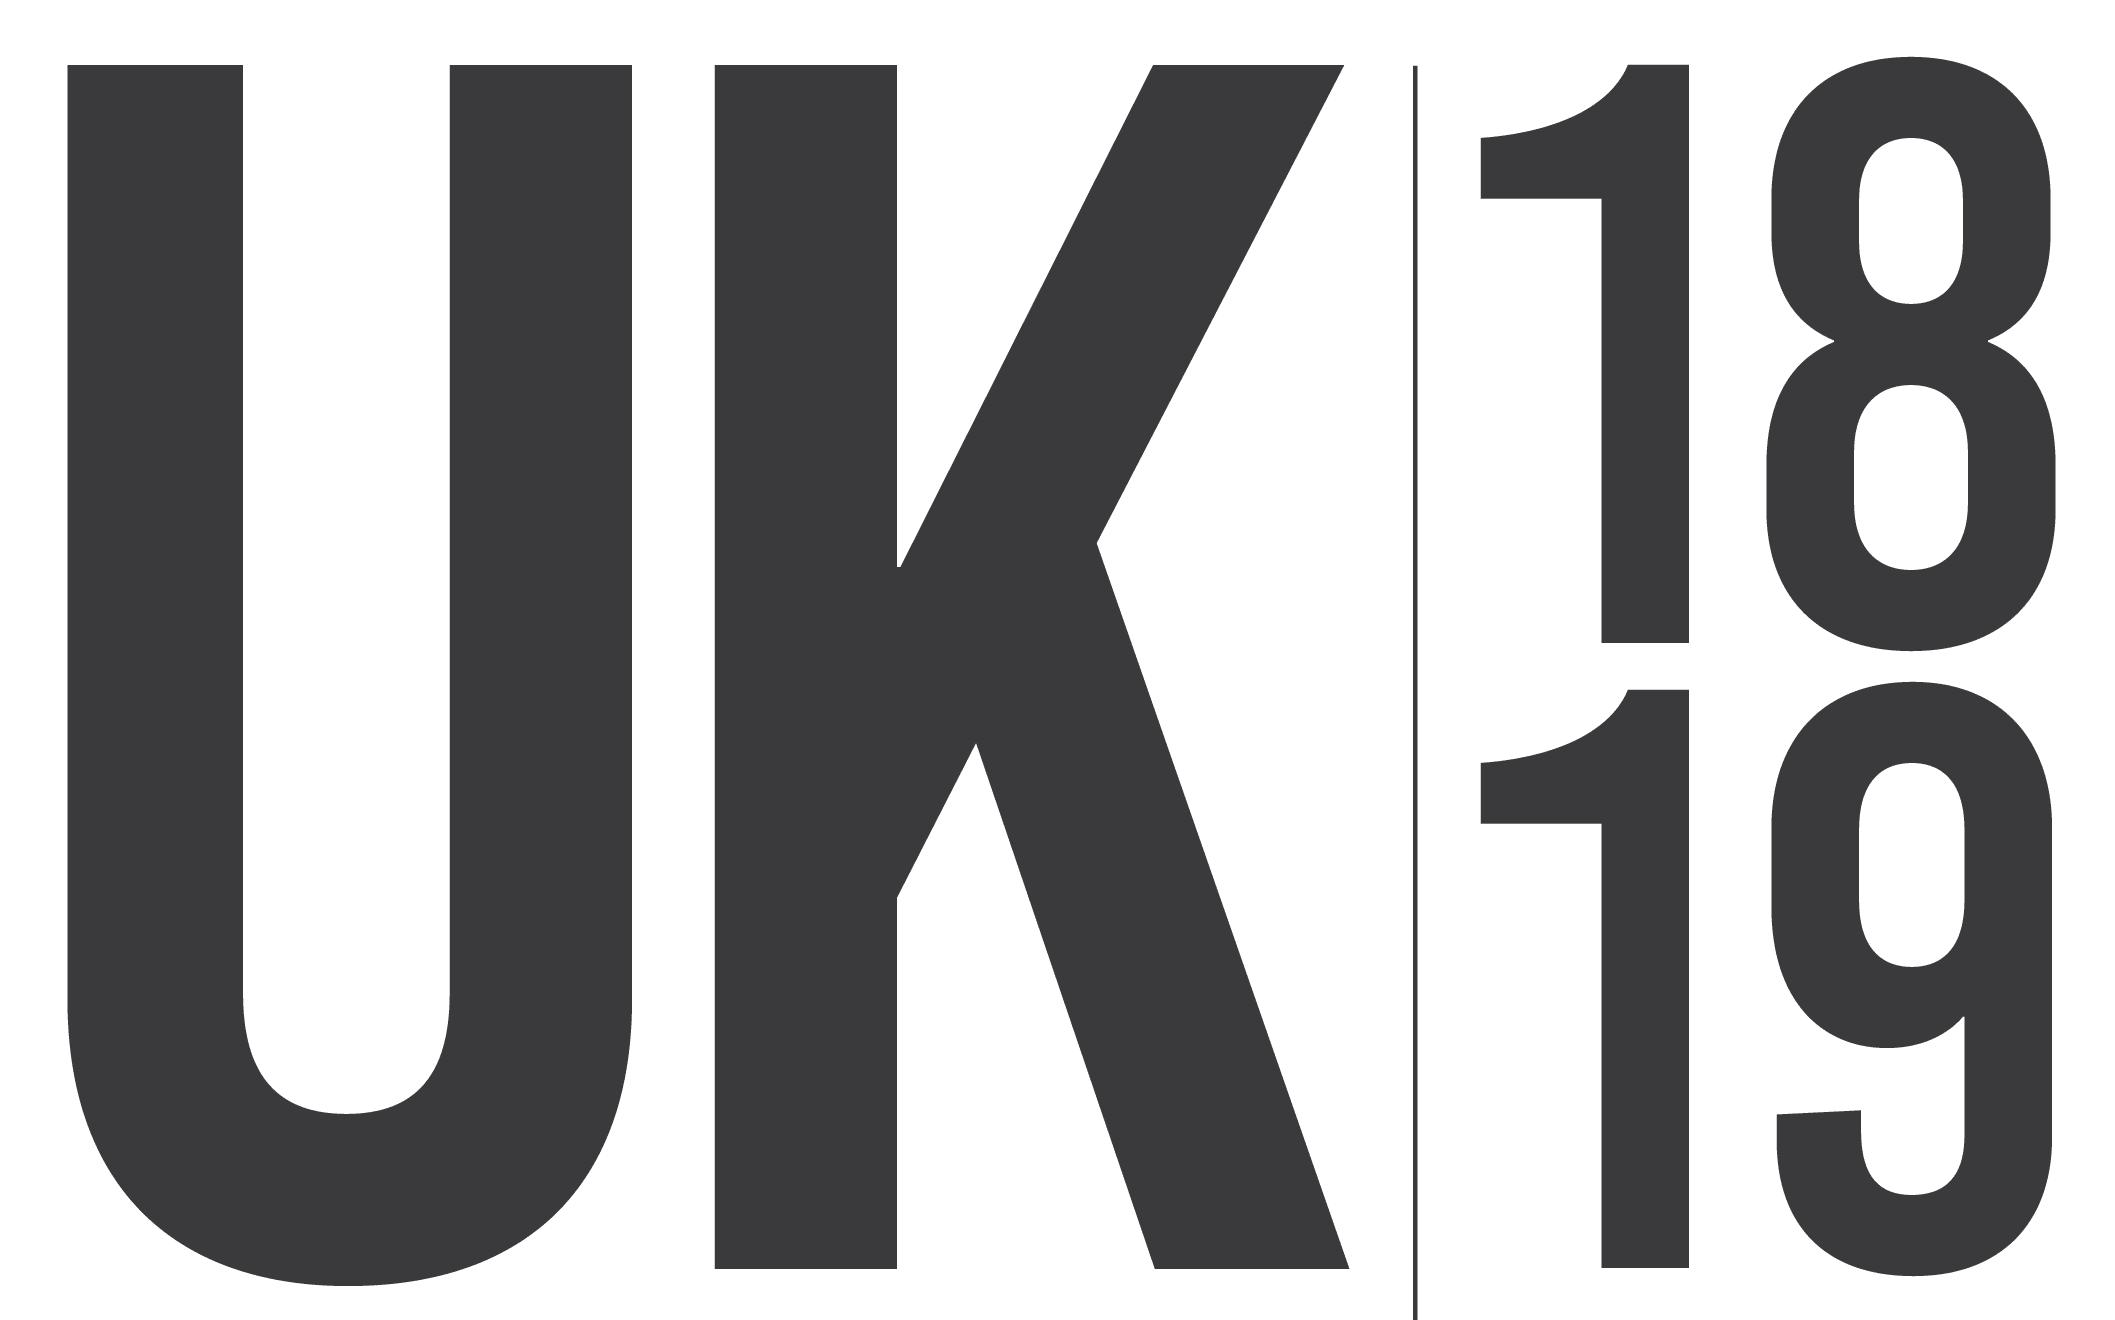 ukmfgreview.com